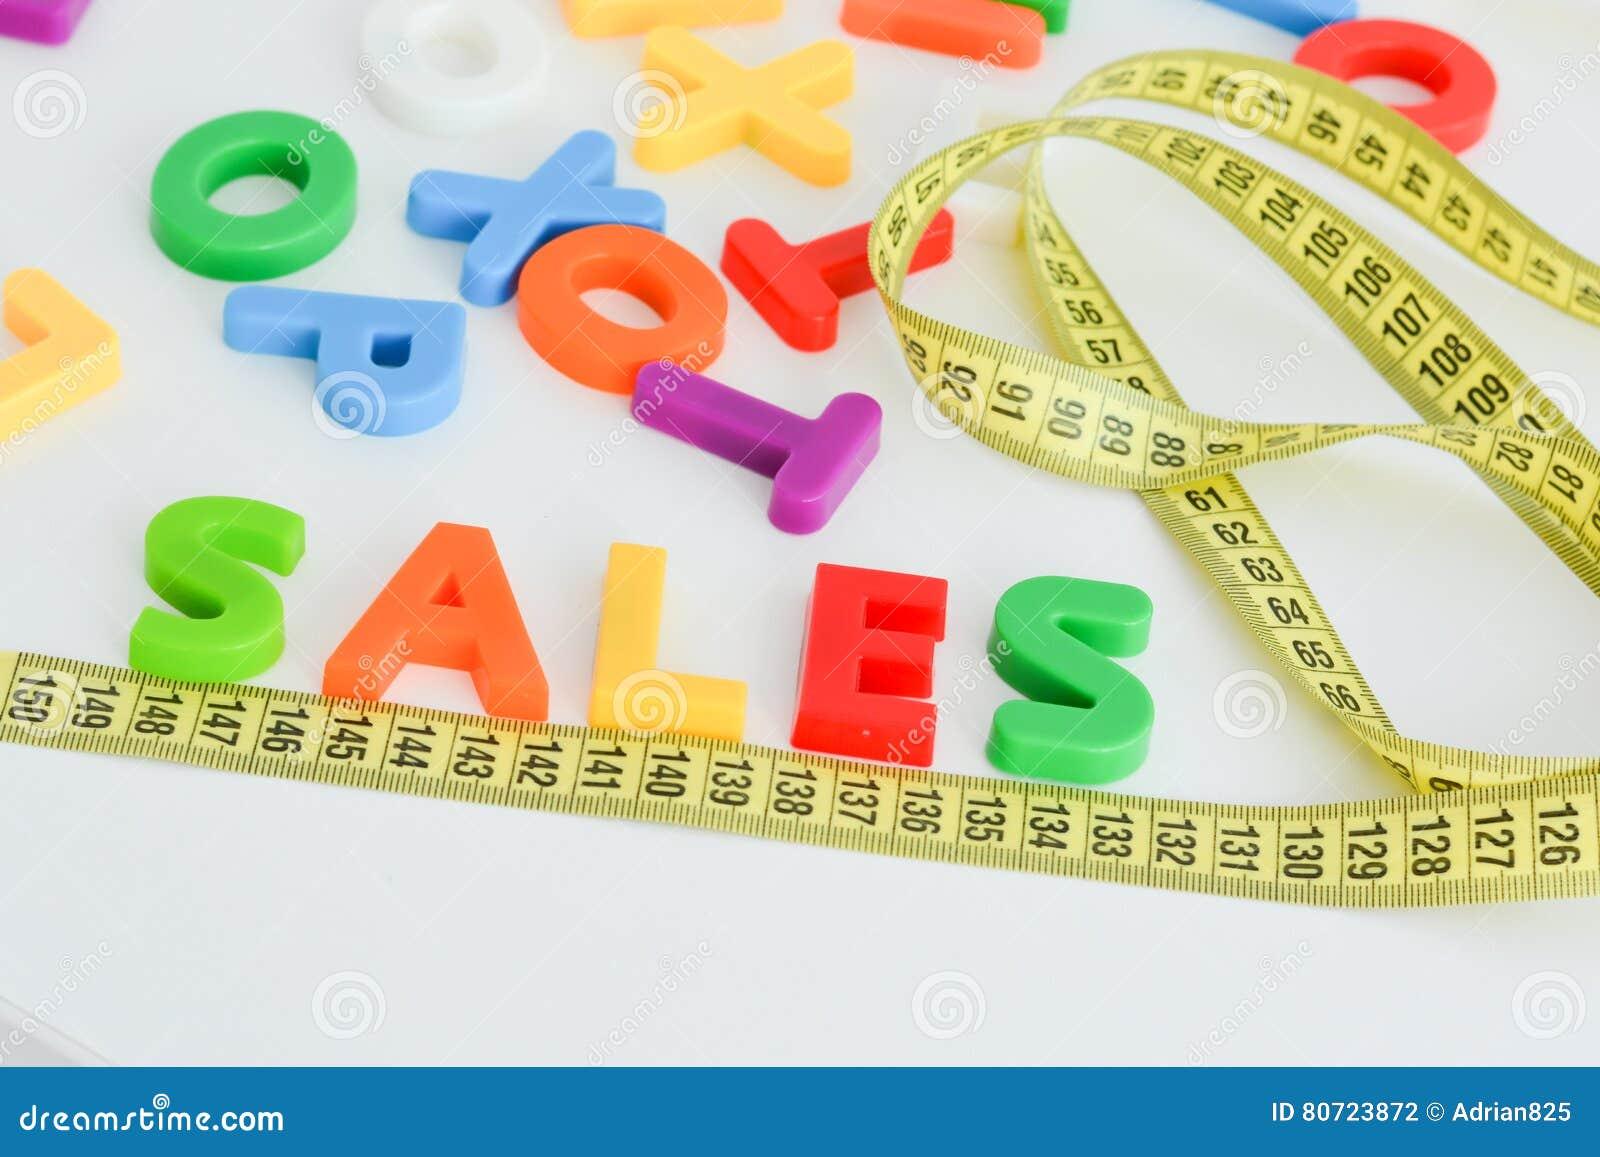 Measurement of sales concept